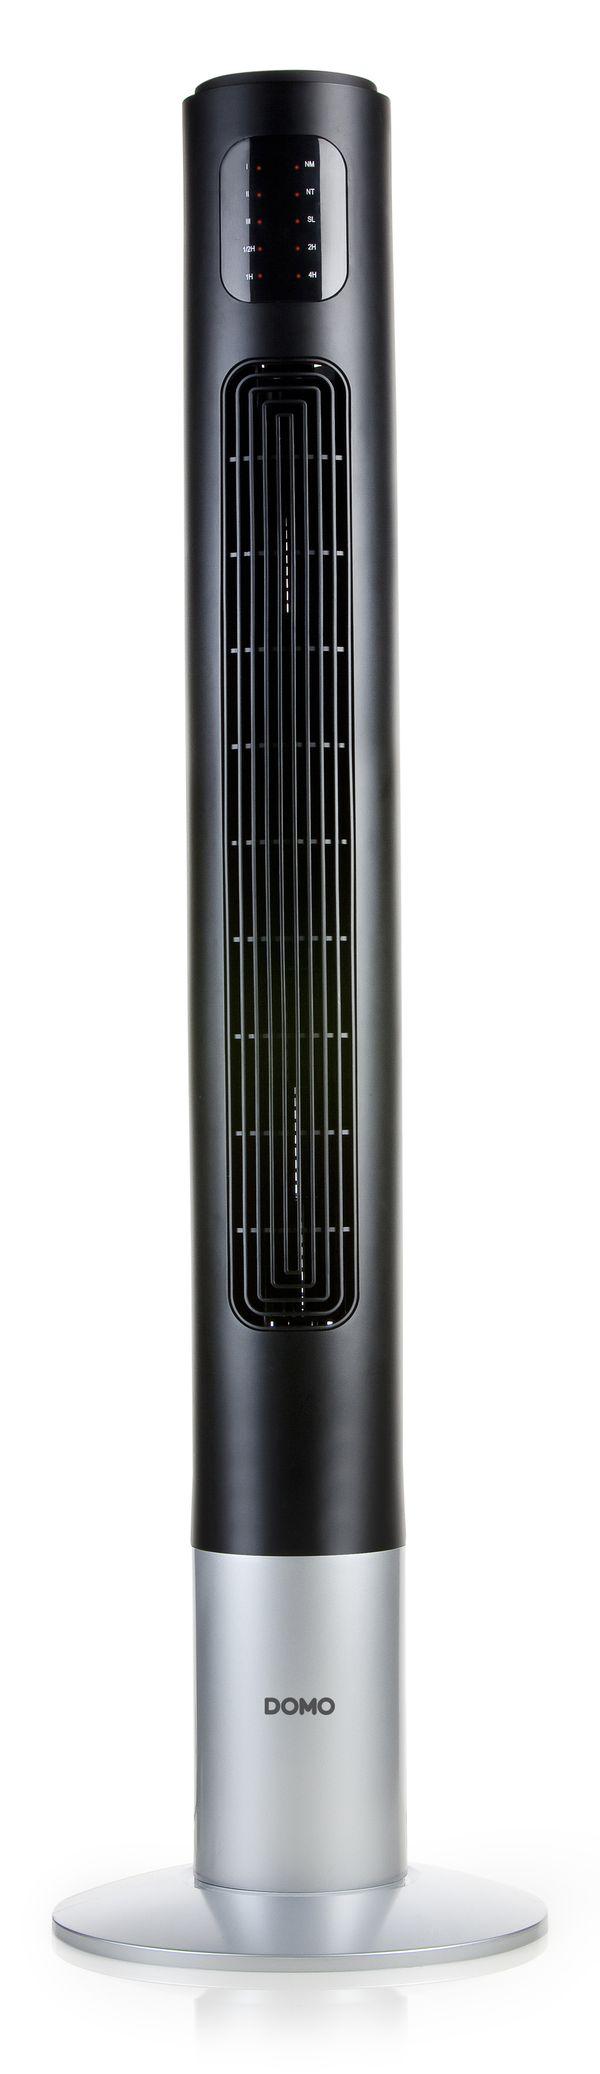 Ventilátor sloupový - s dálkovým ovládáním - DOMO DO8123